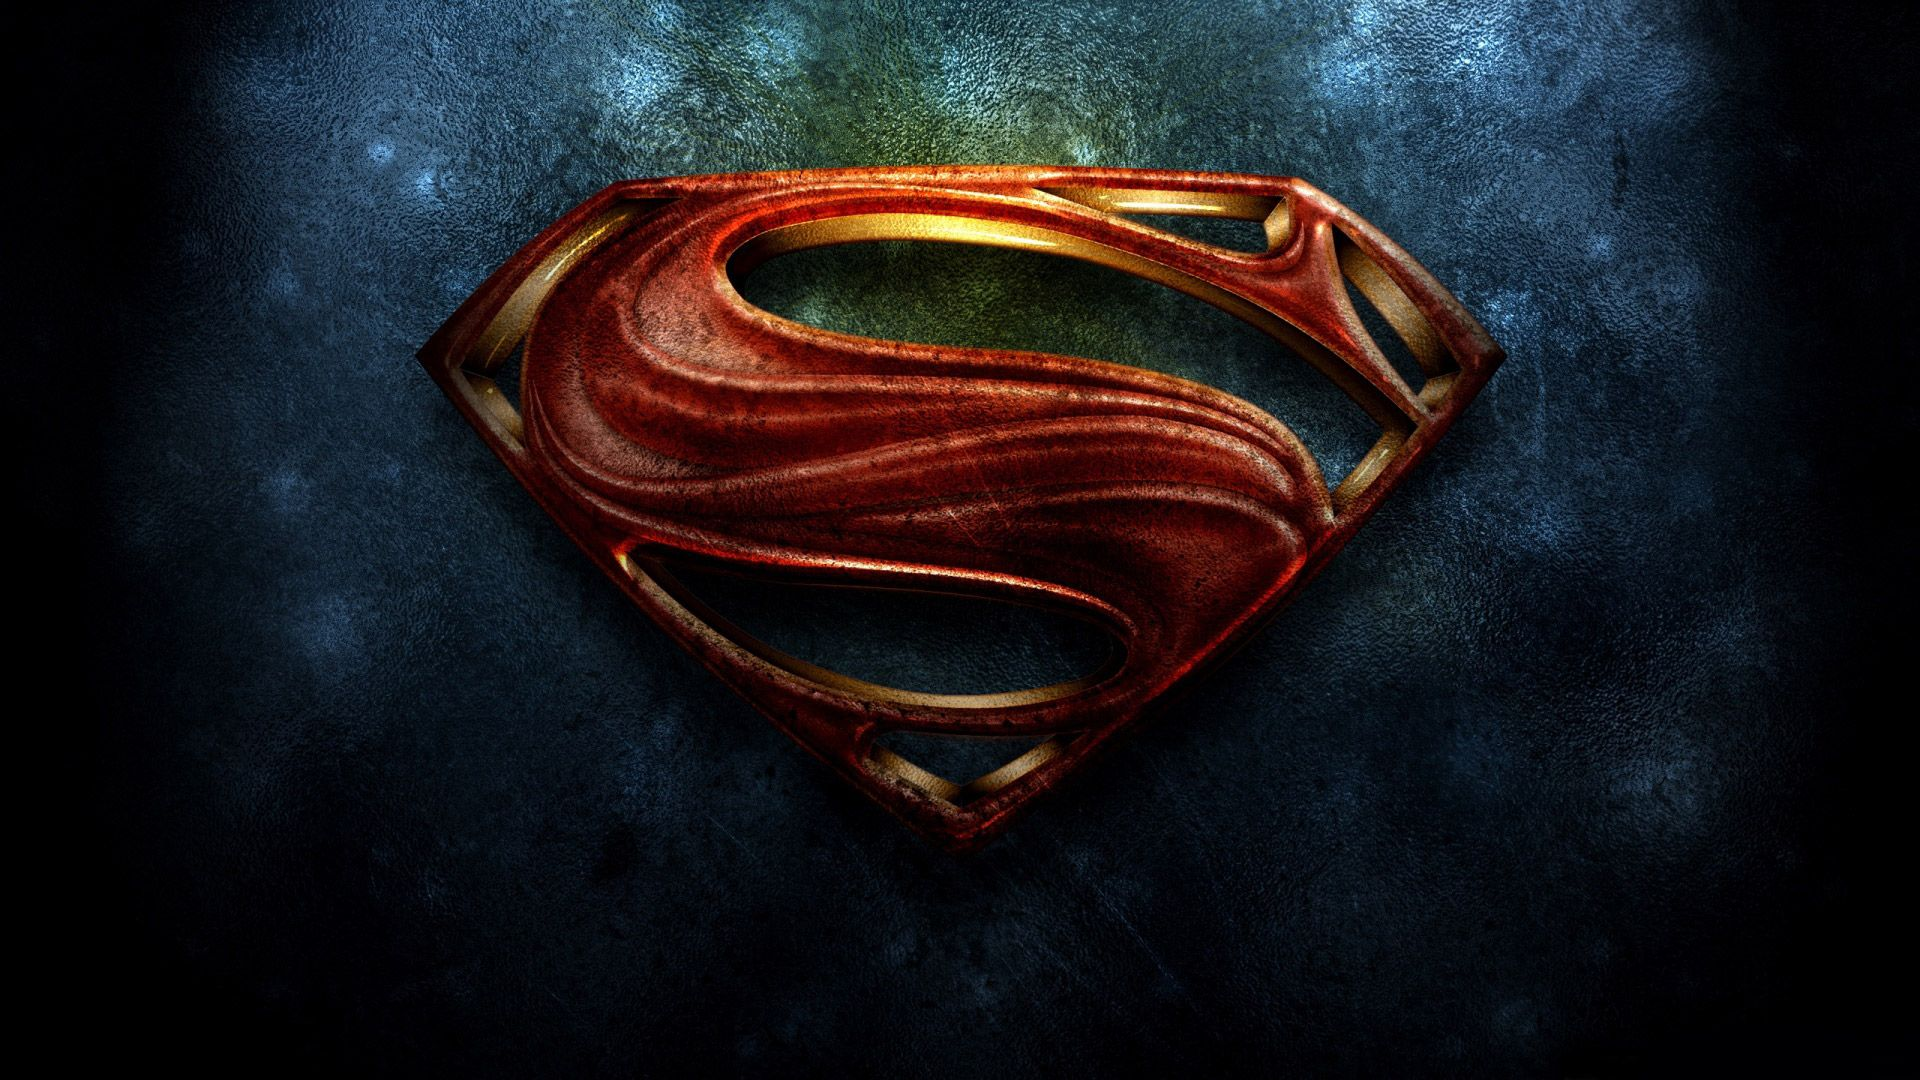 Superman Hd Desktop Wallpaper Widescreen High Definition